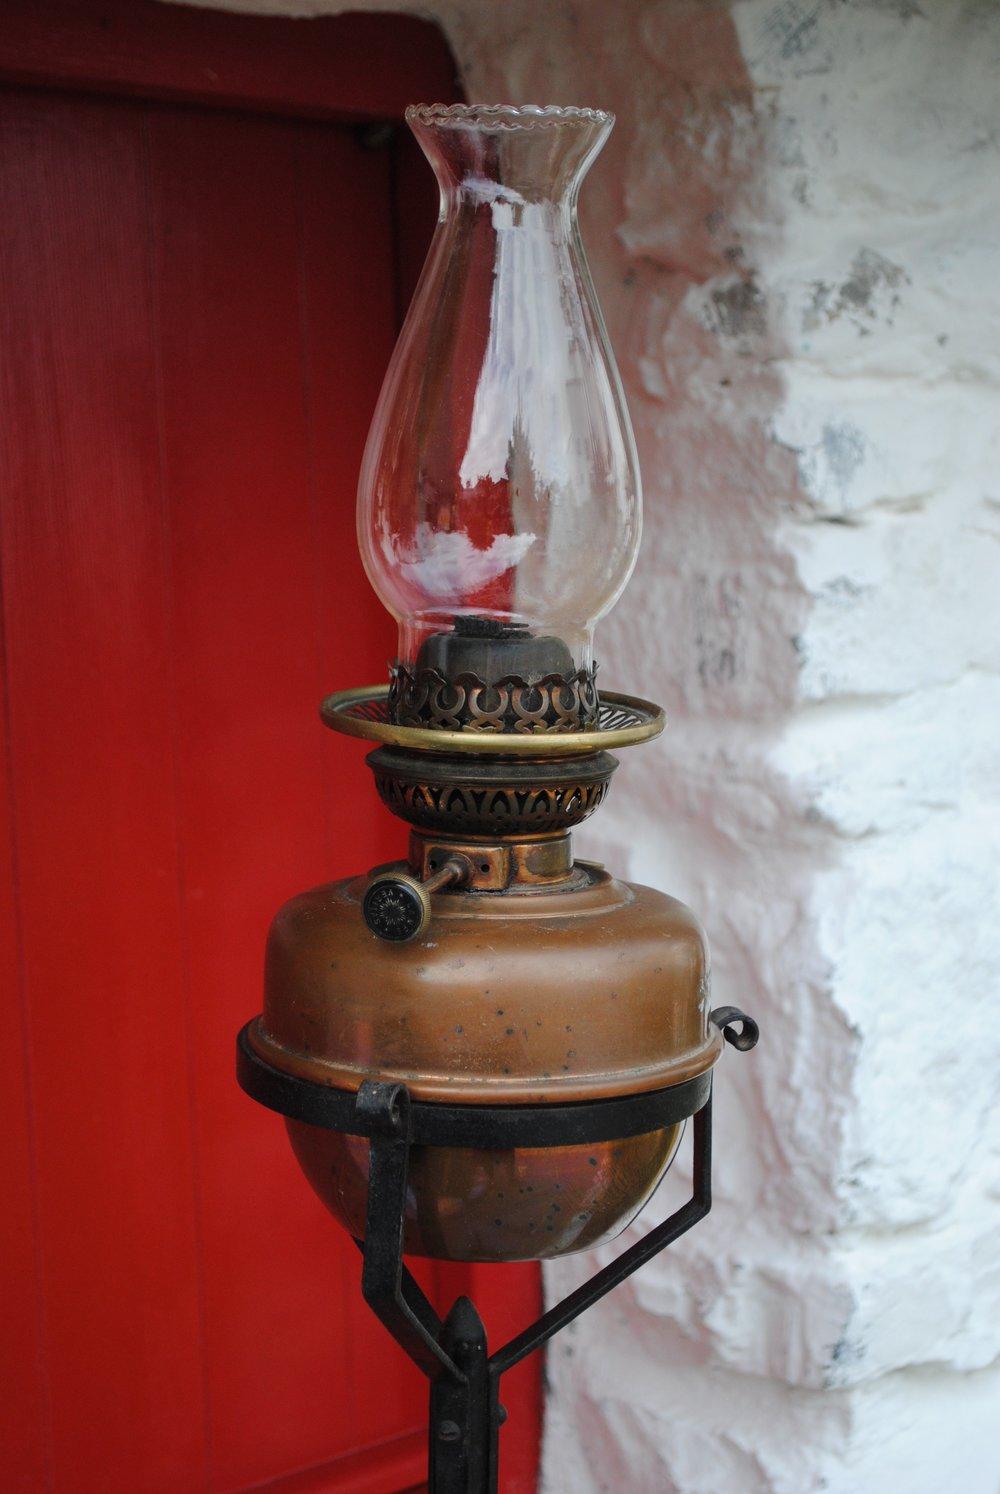 Antique Oil Lamp. - €85